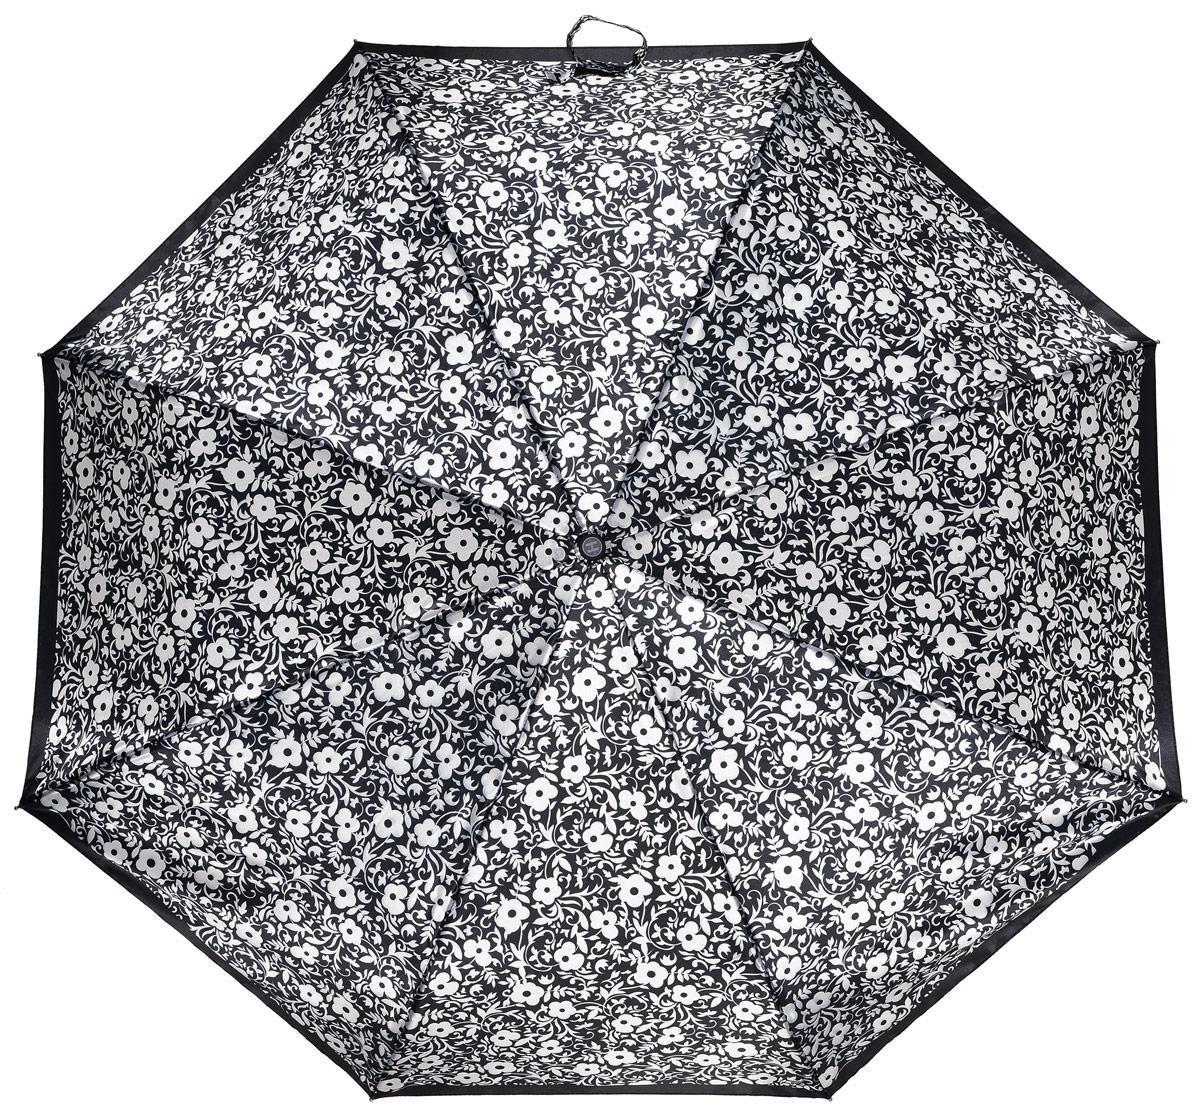 Зонт женский Henry Backer, 3 сложения, цвет: черный. U21202 White flowersU21202 White flowersЭлегантный женский зонт «Белые цветы» с сатиновым куполом, автомат У модели большой ветроустойчивый купол, хорошо защищающий от дождя, и прочный стальной каркас с элементами из фибергласса.